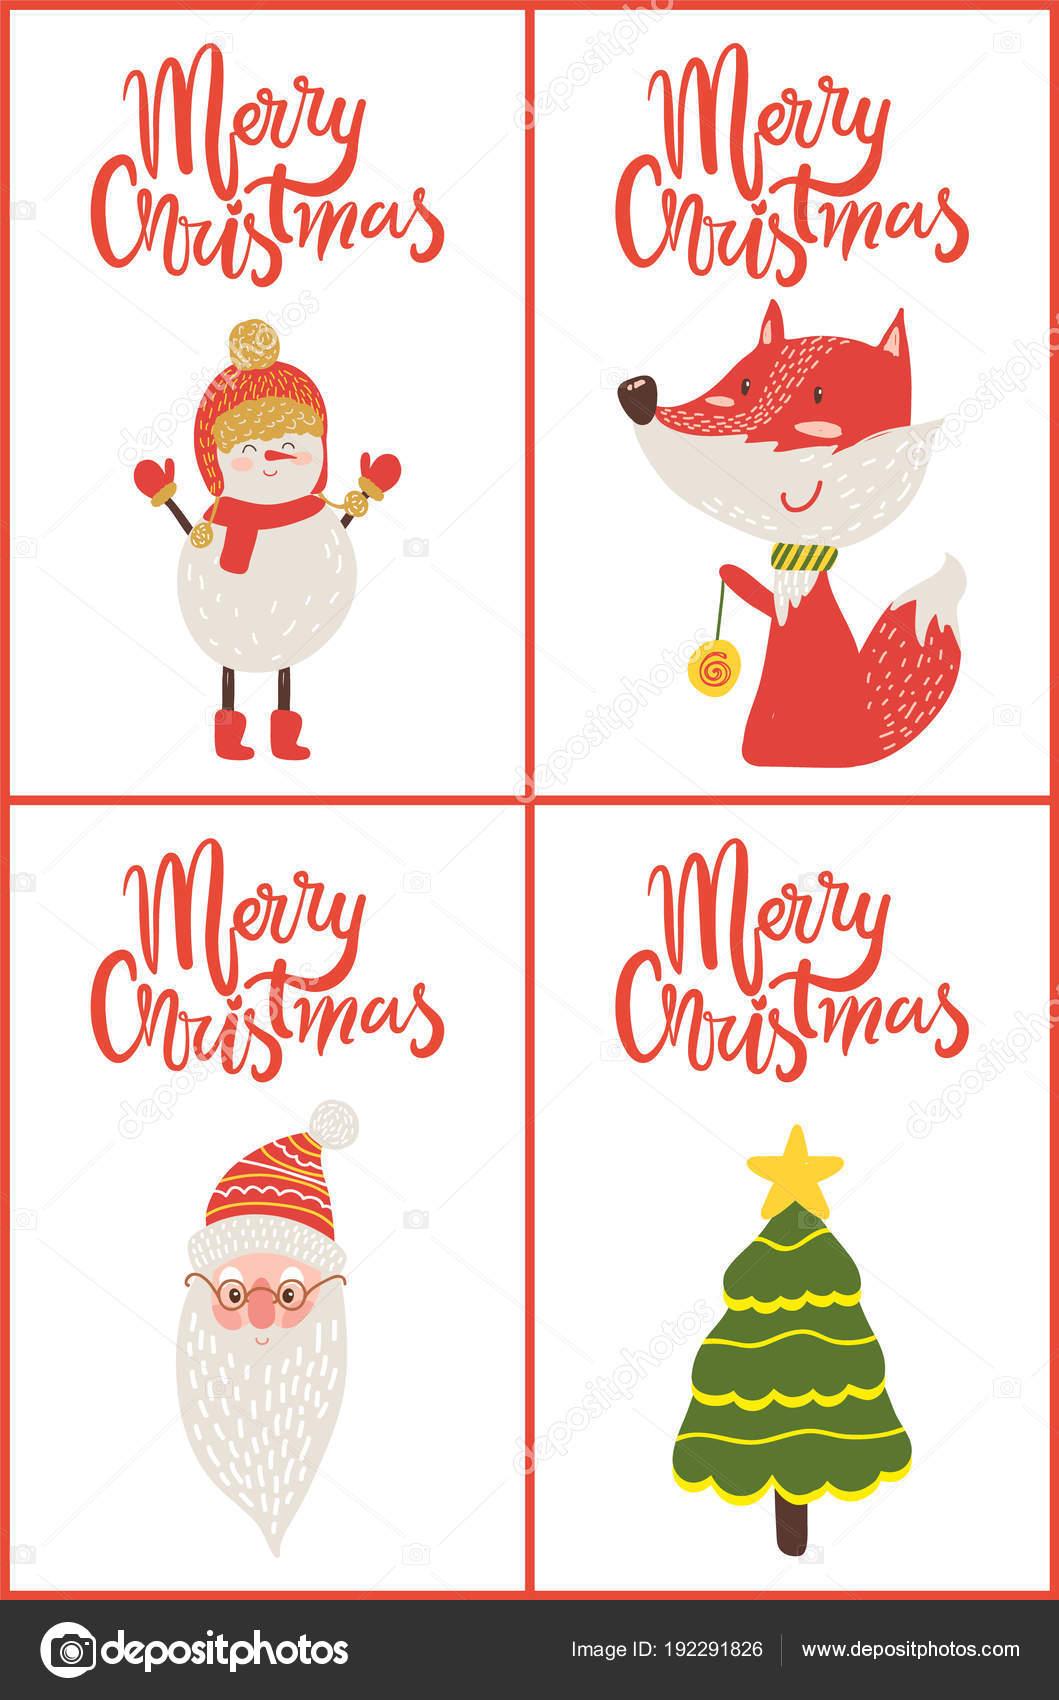 Merry Christmas Posters Titels Vectorillustratie Stockvector